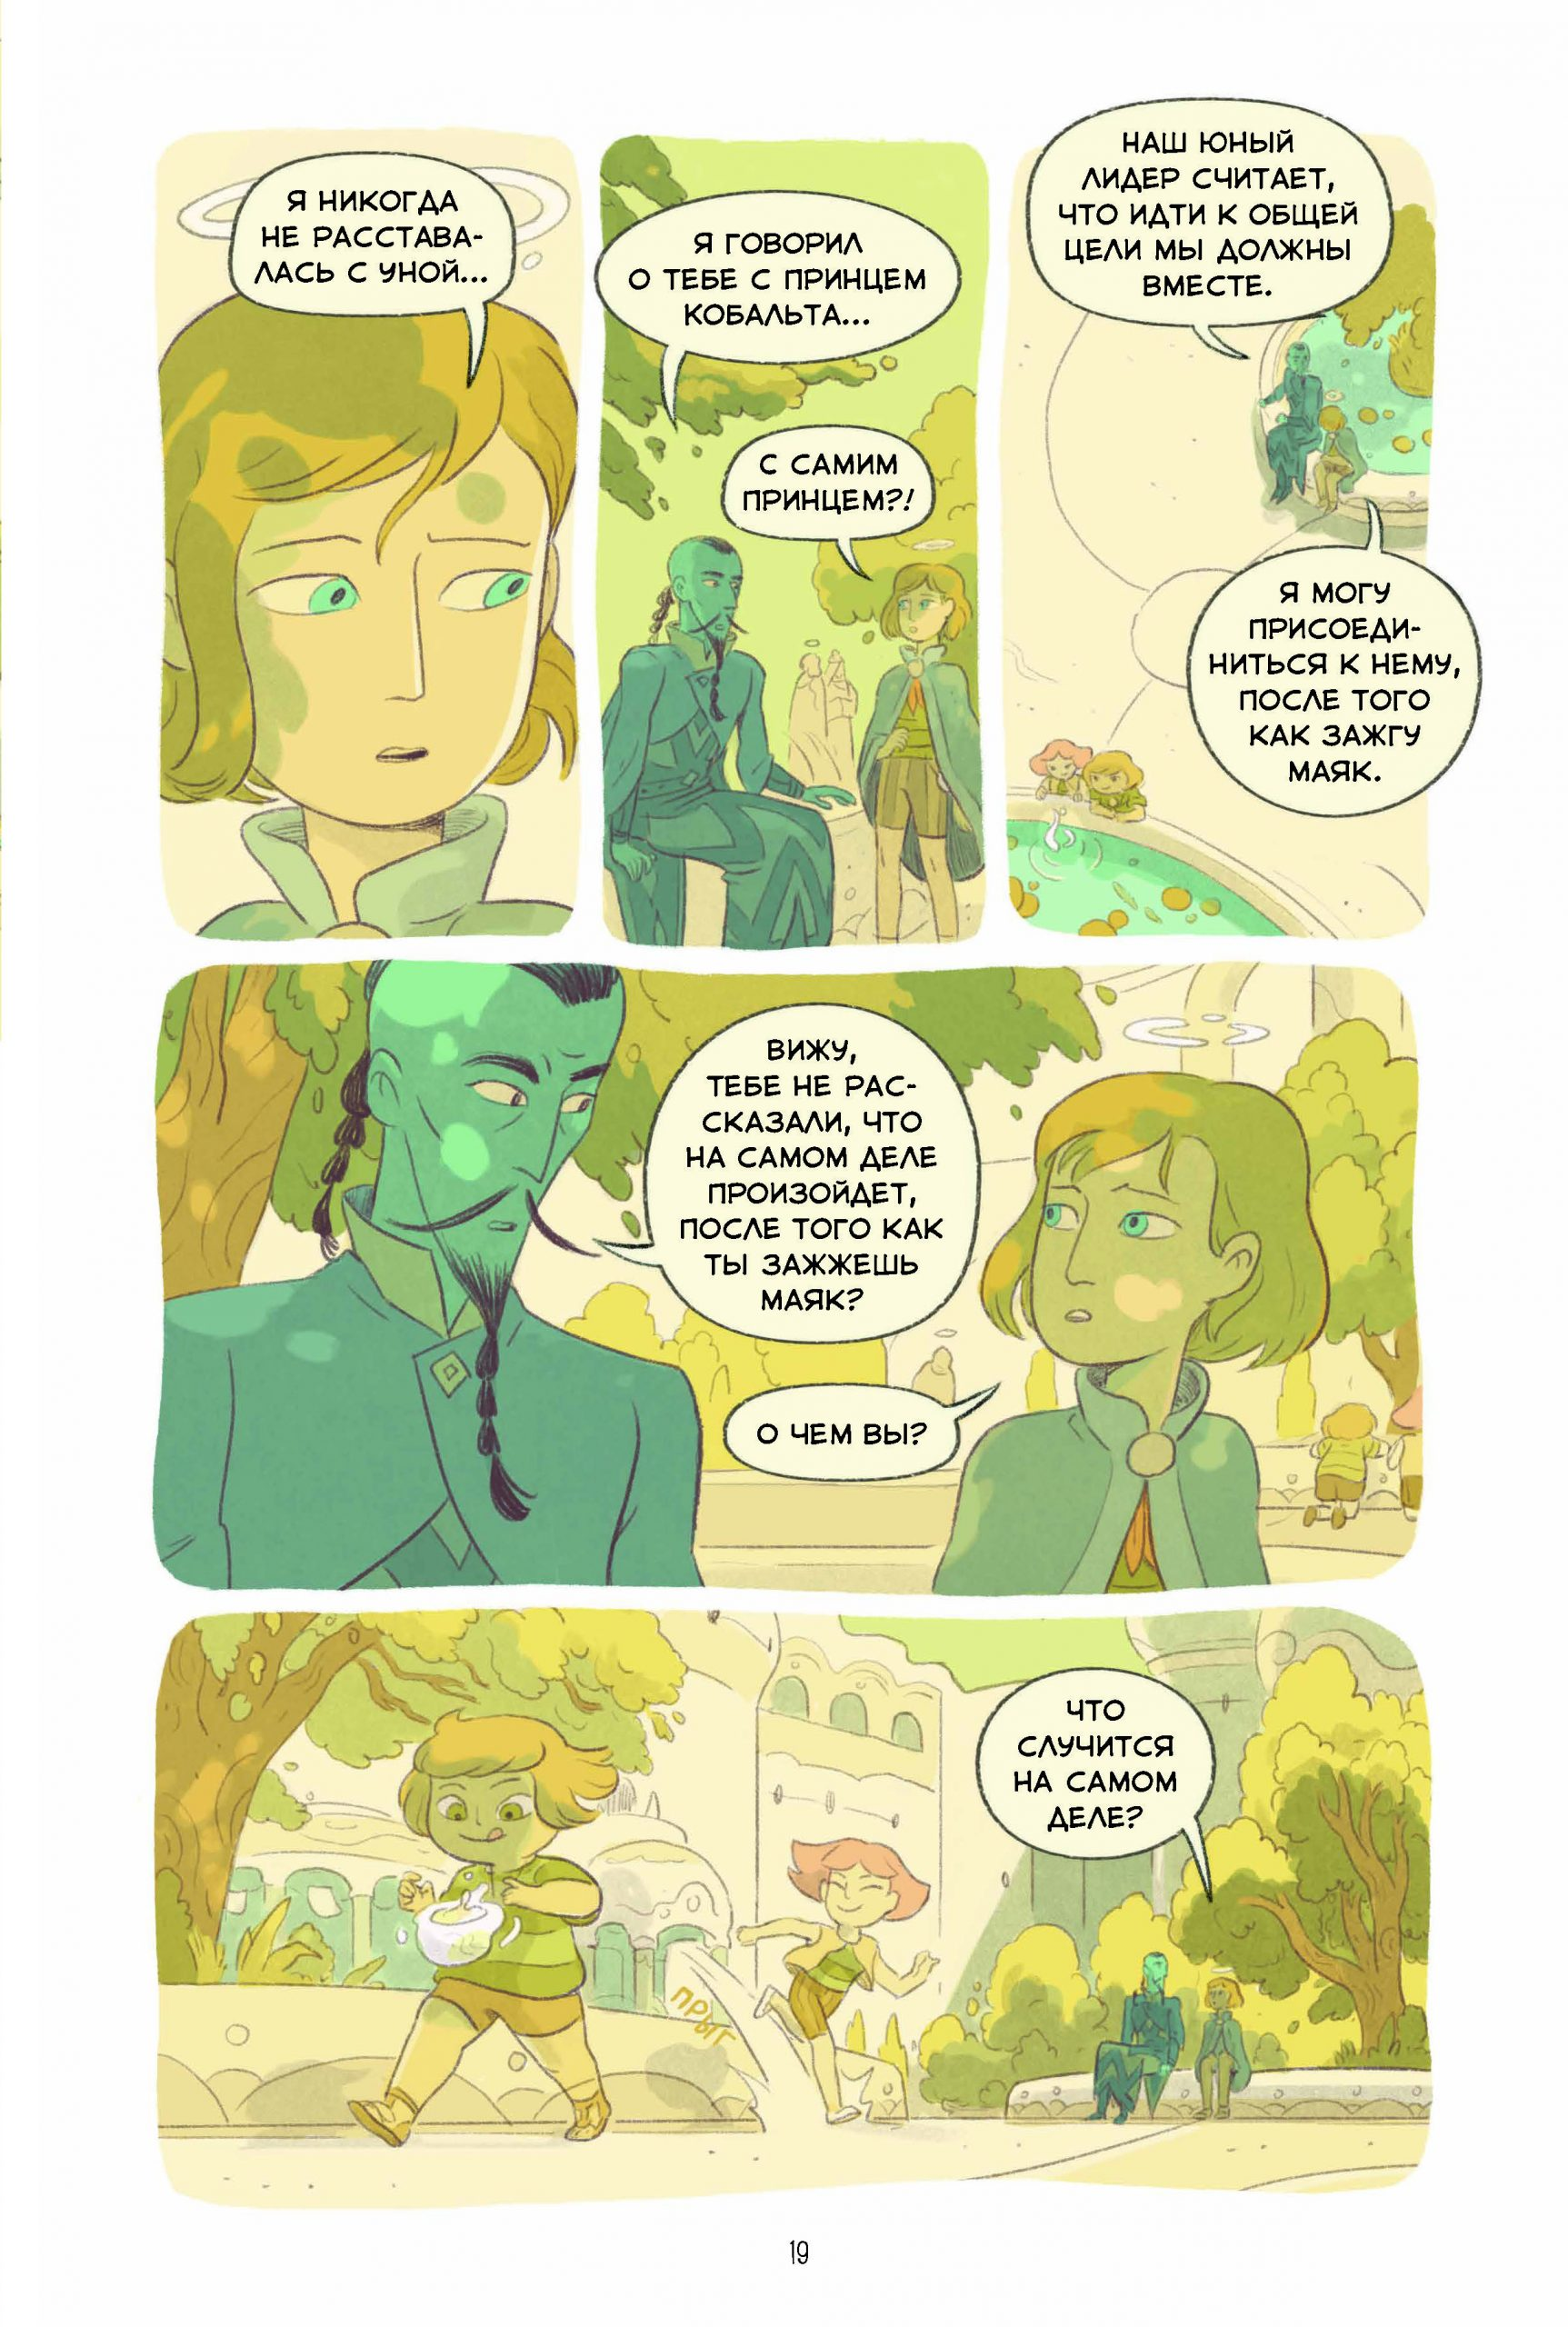 Пять миров. Том 2. Принц Кобальта. Отрывок из комикса 14